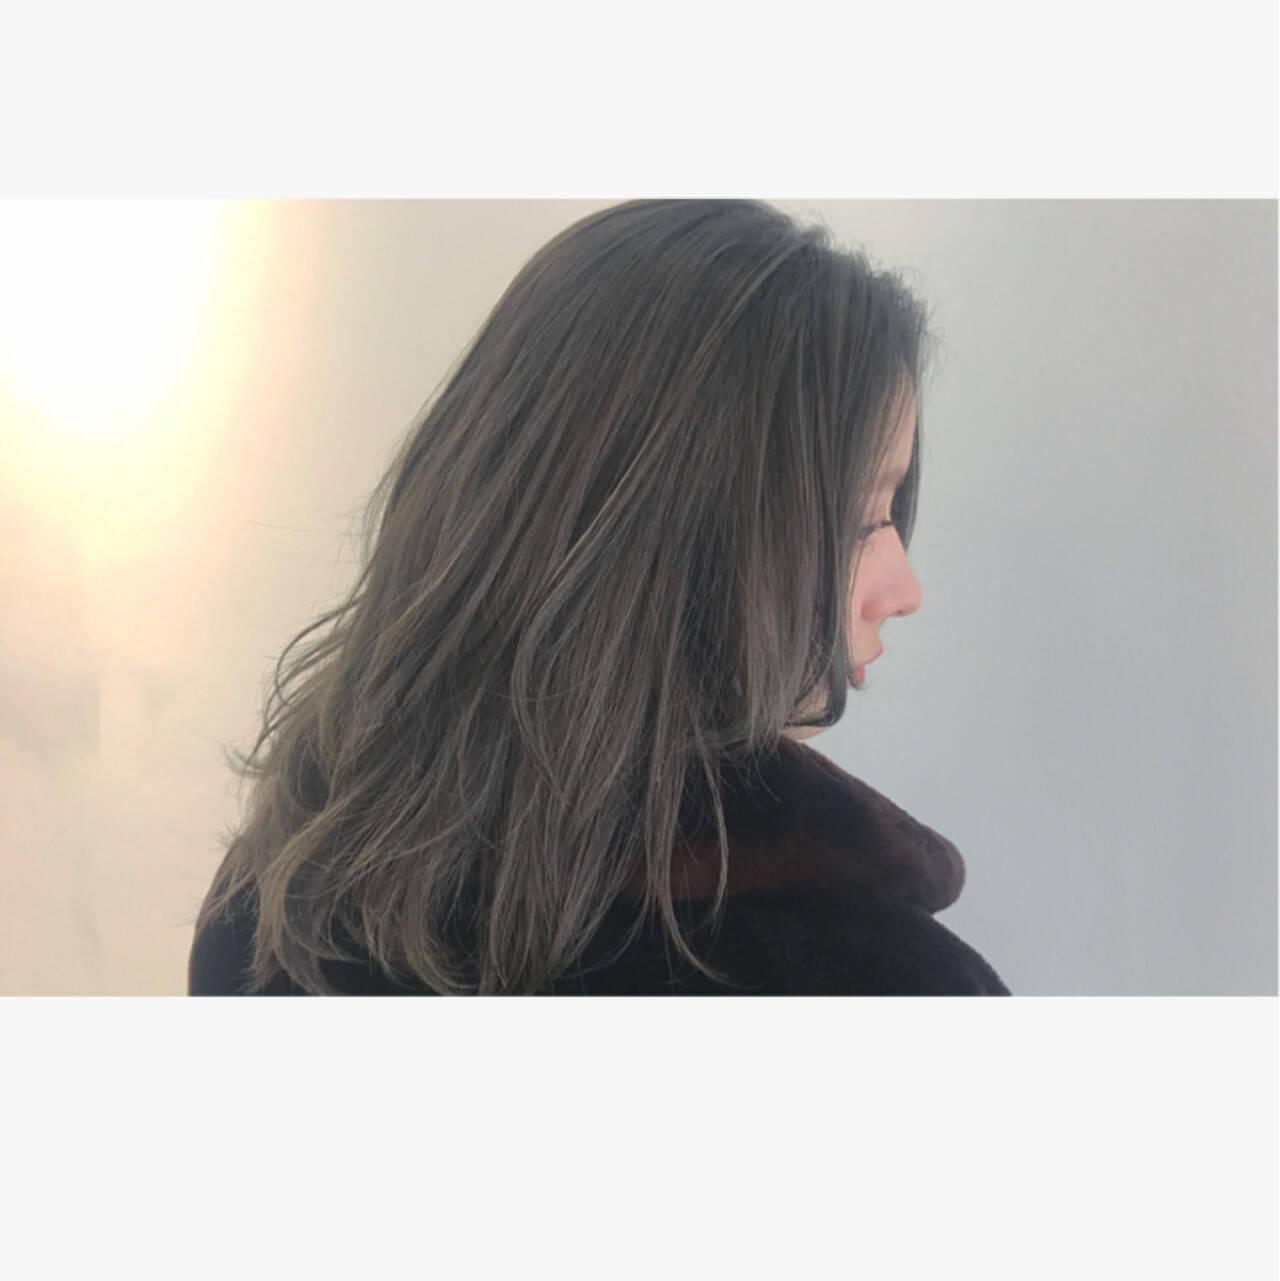 ニュアンス ストリート アッシュ フリンジバングヘアスタイルや髪型の写真・画像